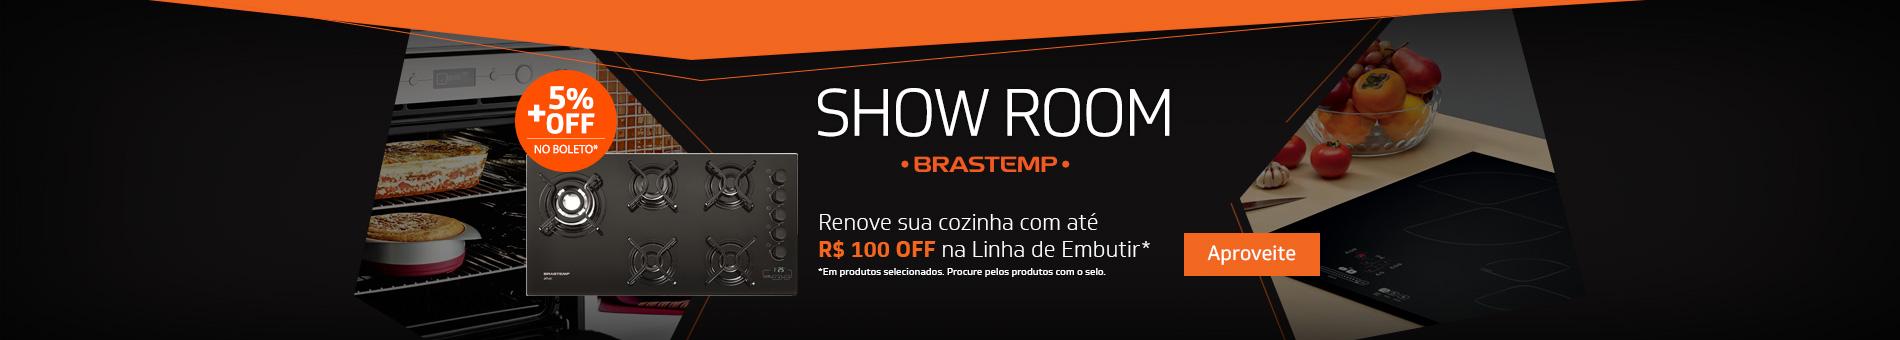 Promoção Interna - 1361 - showroom_embutir-BAI60BR-cupom100ou50_23012017_home3 - embutir-BAI60BR-cupom100ou50 - 3